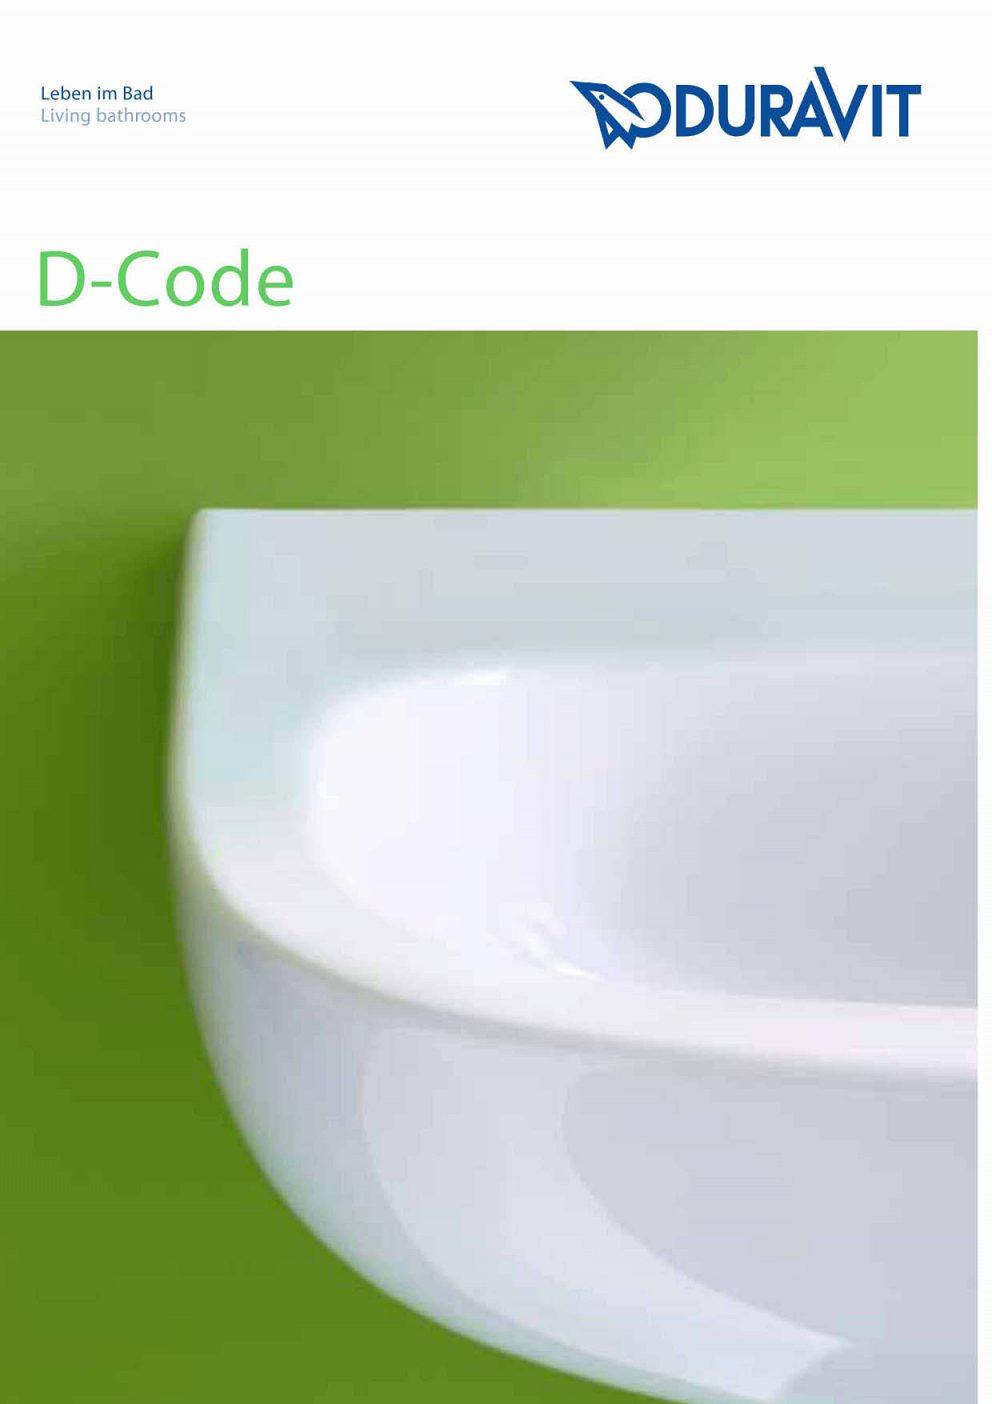 Duravit - D-Code